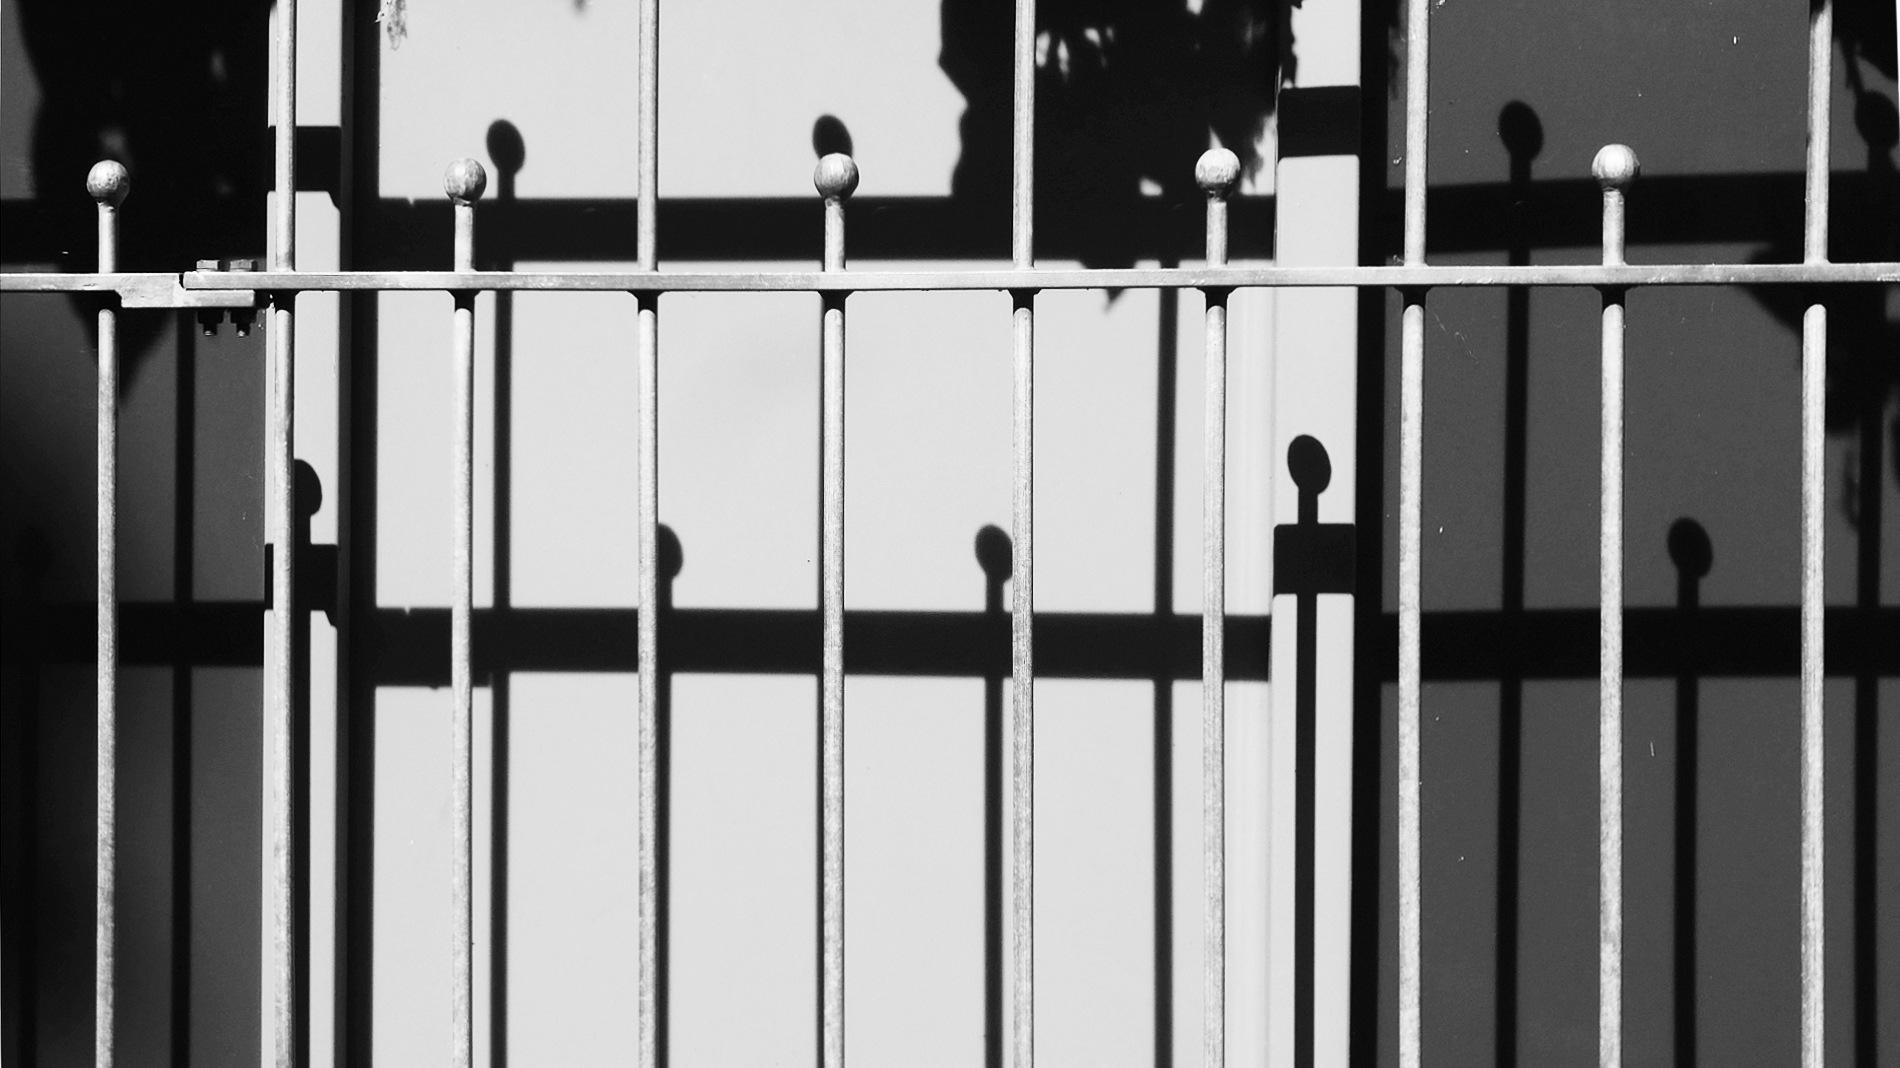 Shadow play by Gernot Schwarz